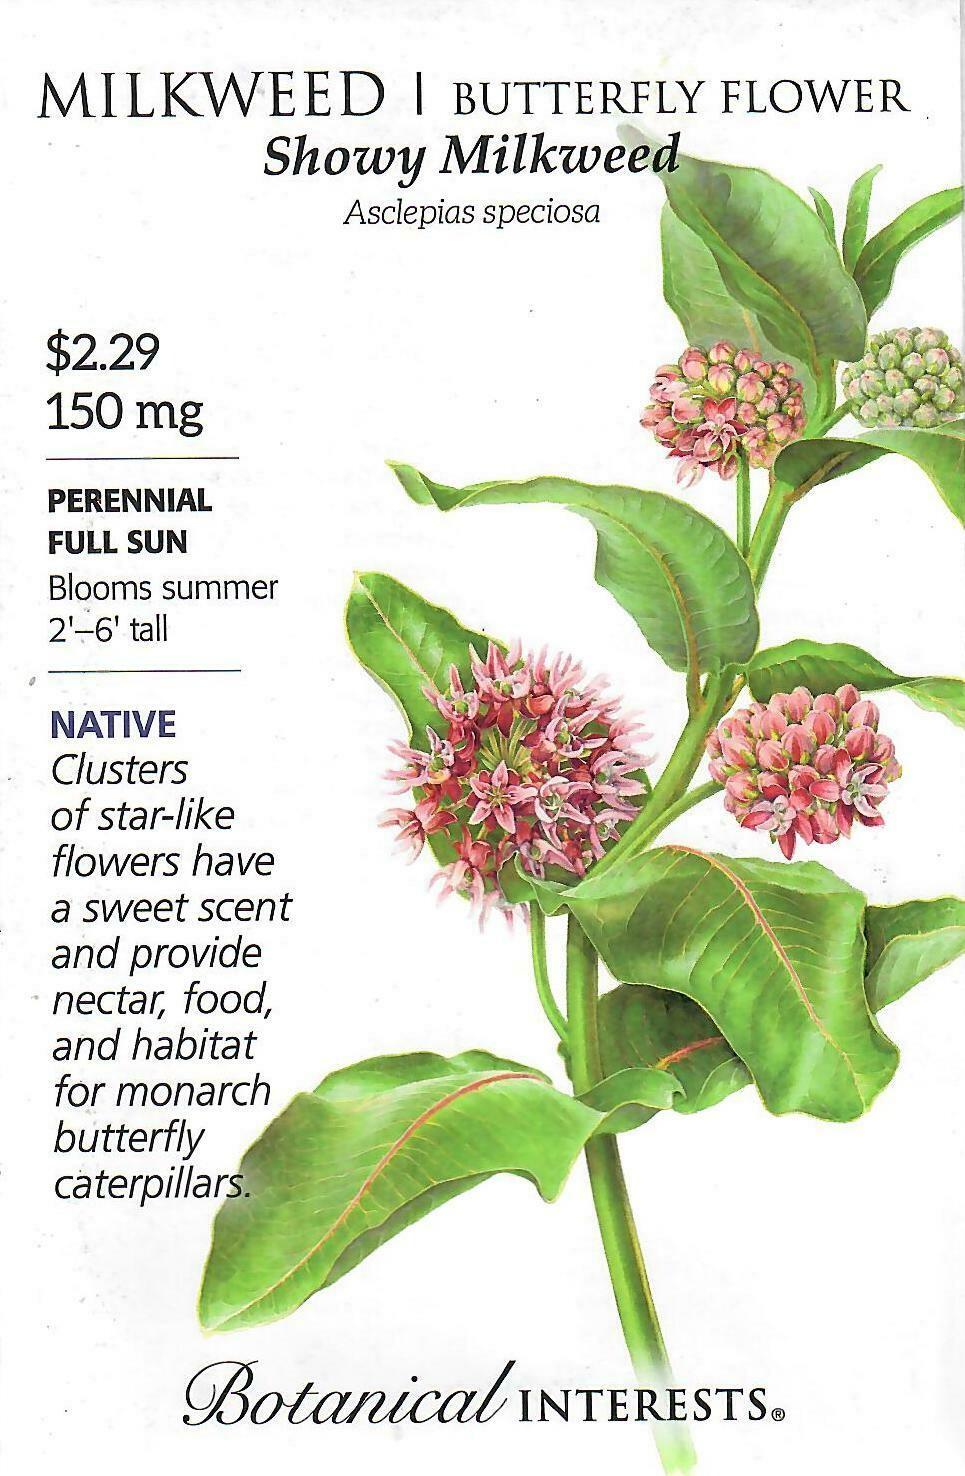 Milkweed Showy Botanical Interests